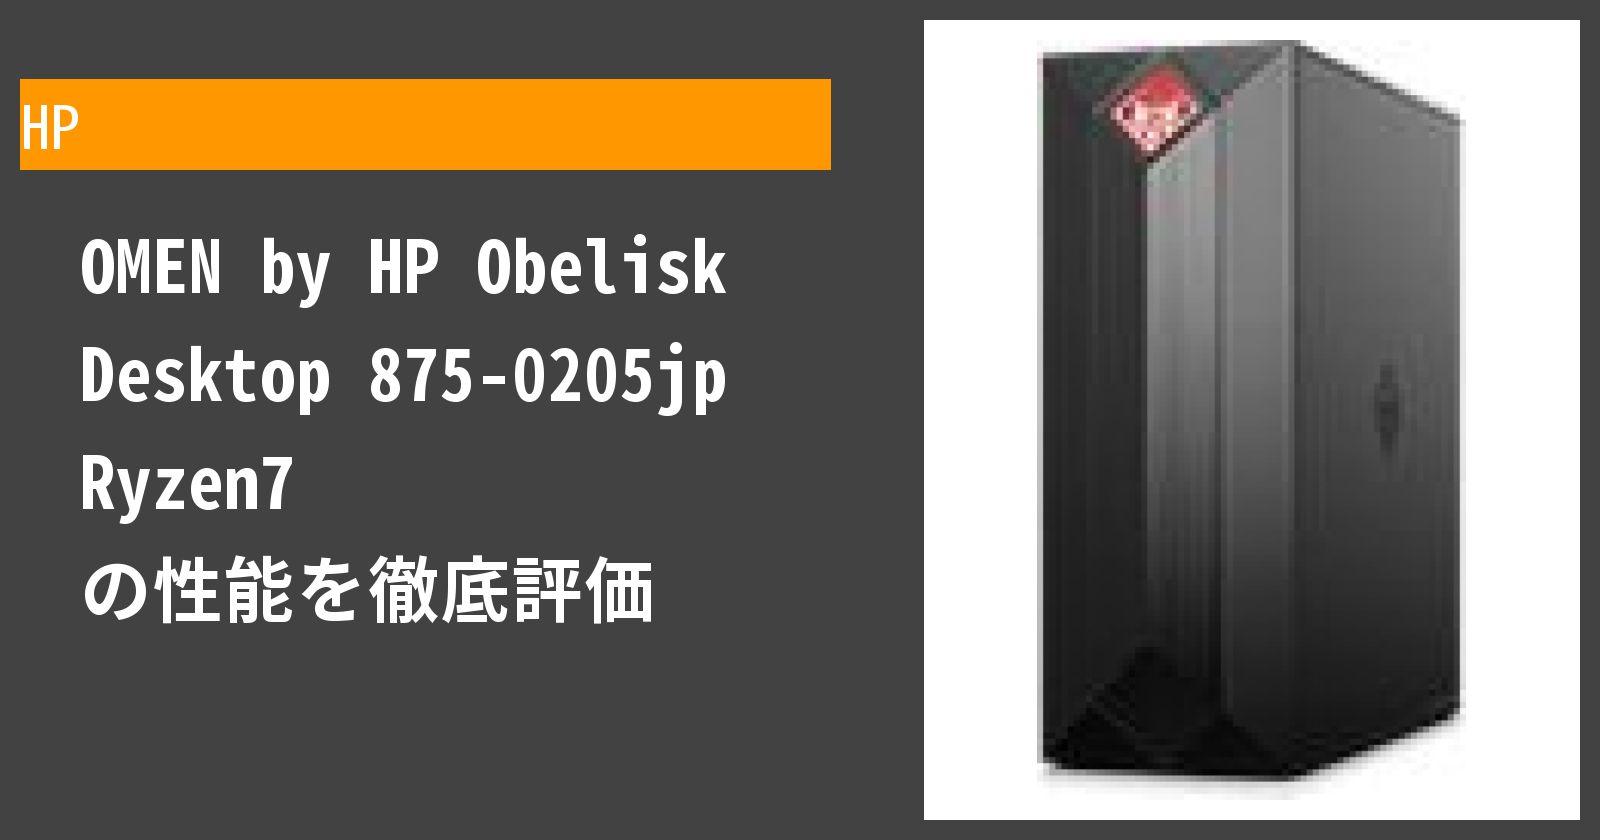 OMEN by HP Obelisk Desktop 875-0205jp Ryzen7の性能を徹底評価